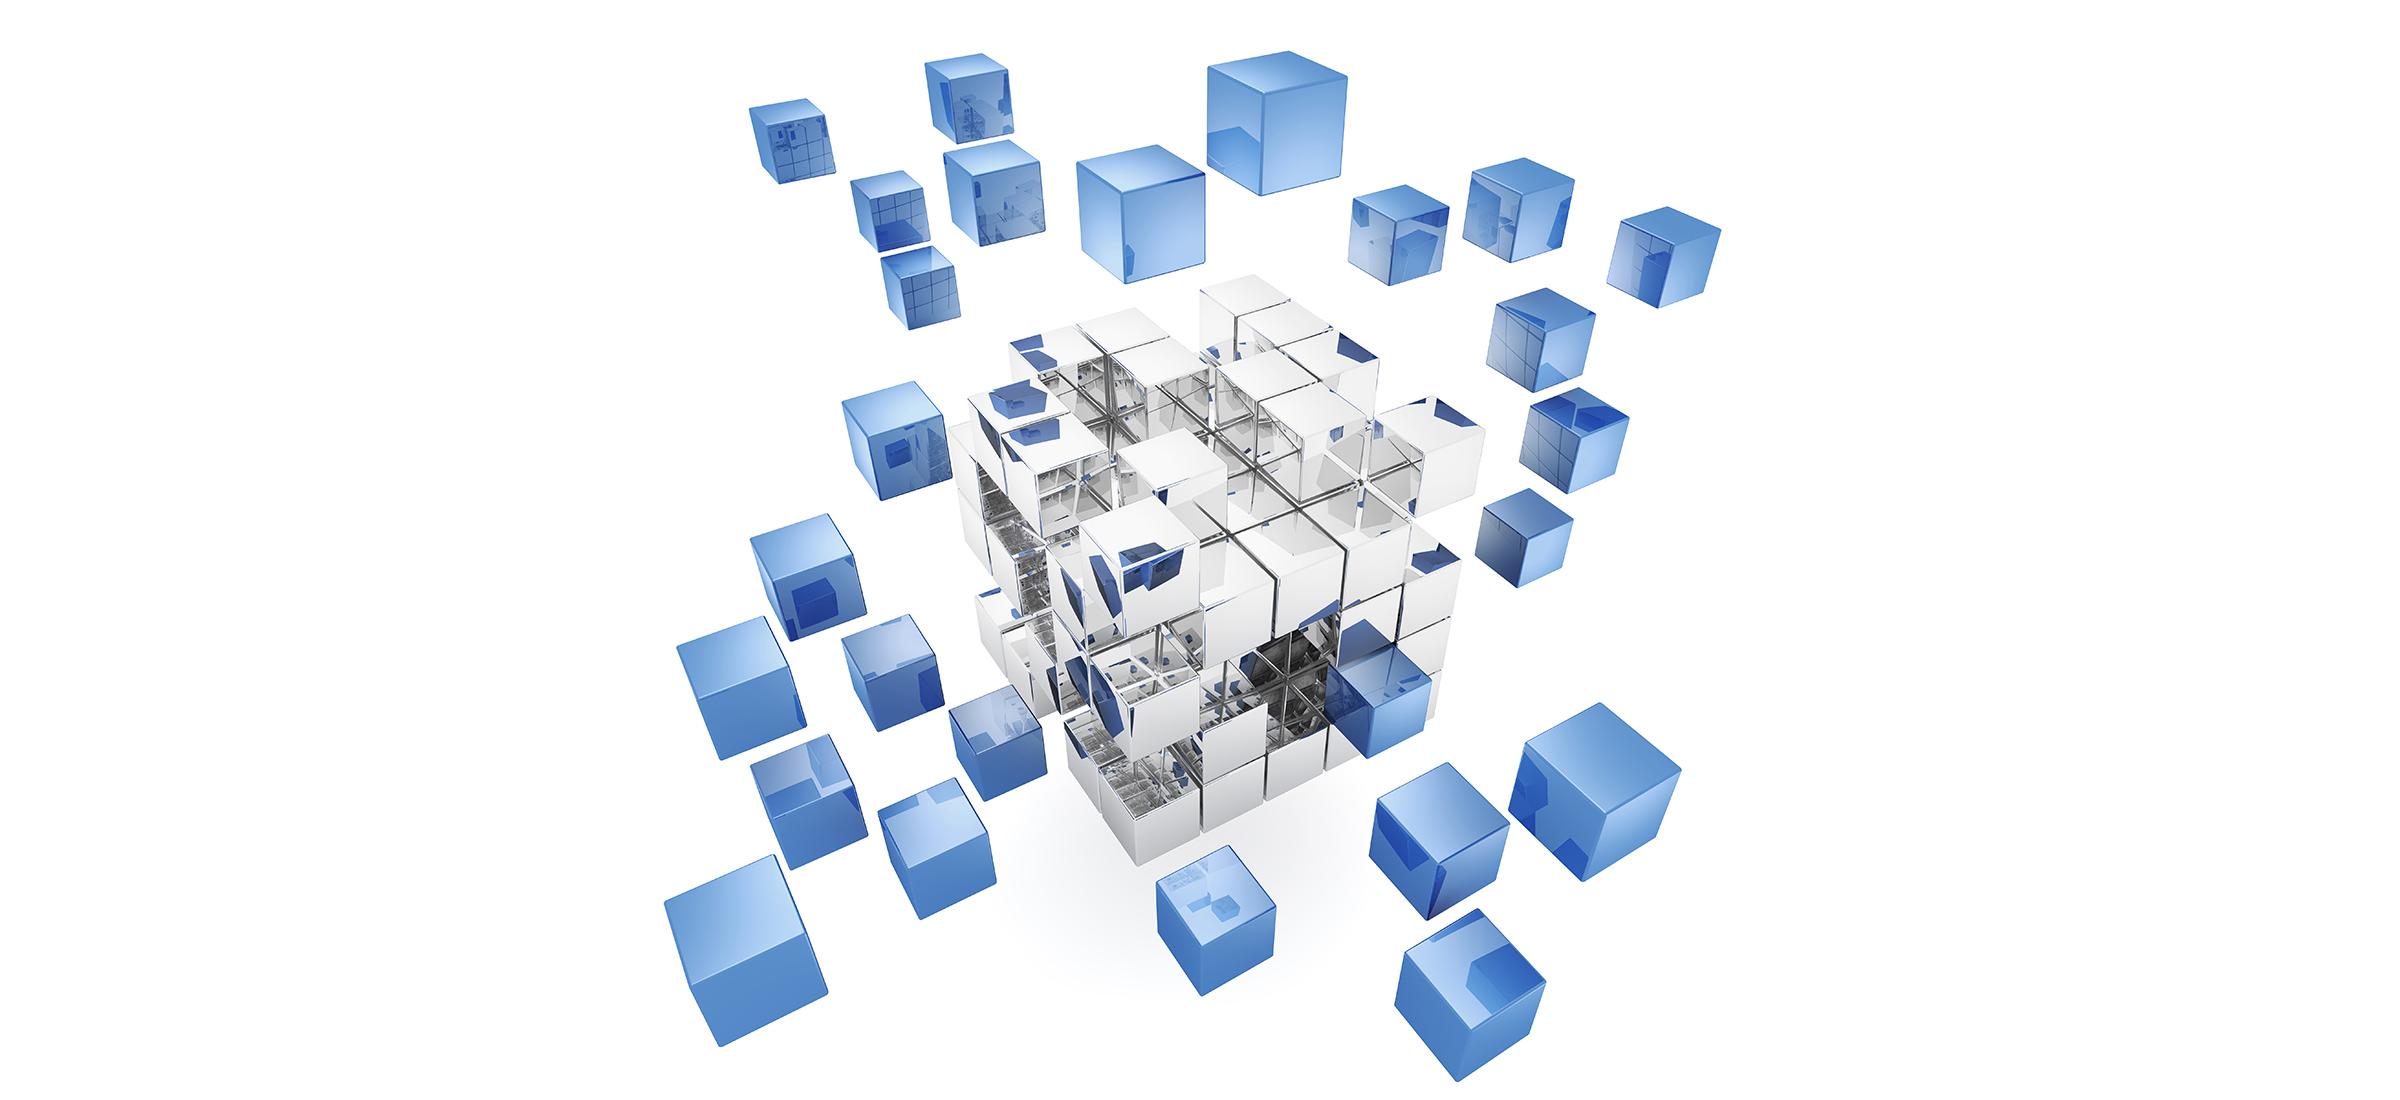 What Is Transmission >> Accompagnement dans l'acquisition, la transmission et la ...